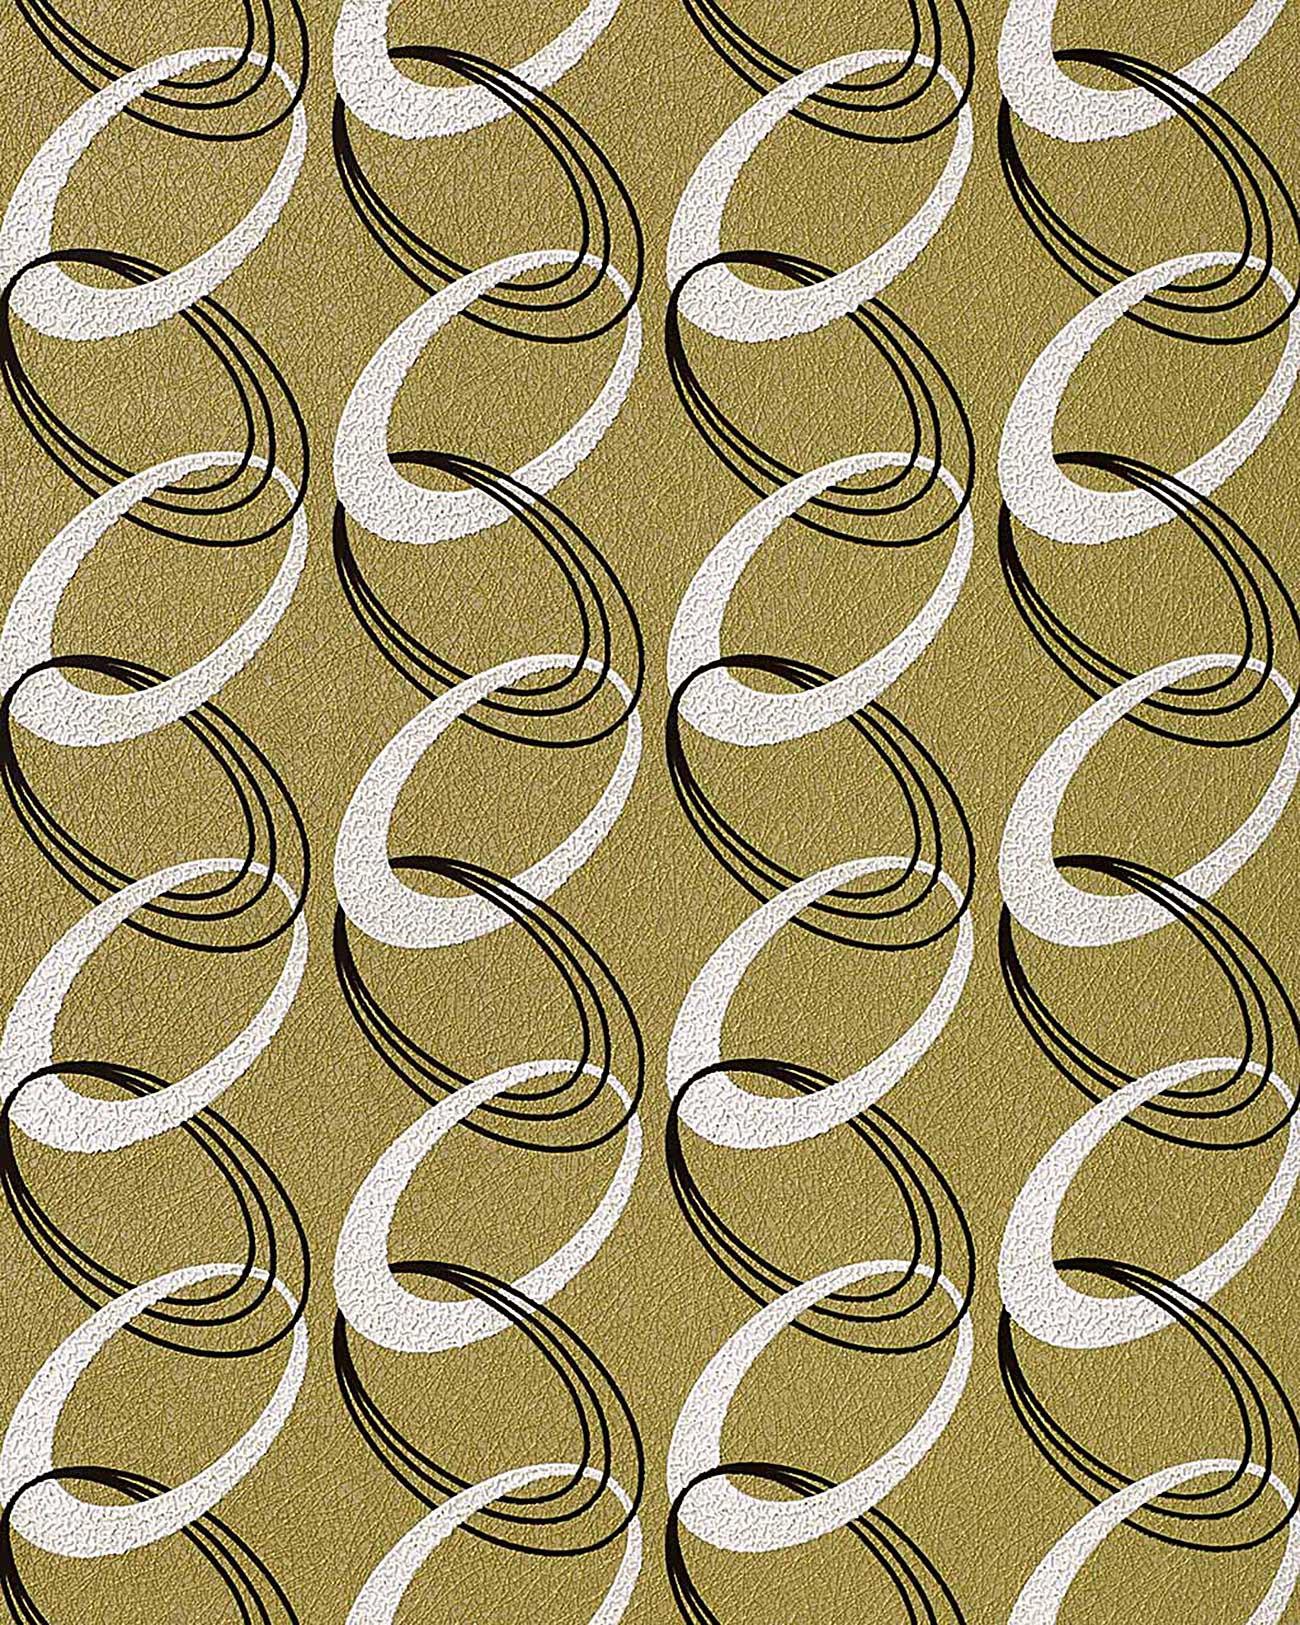 jaren 70 interieur behang edem 1017 15 retro behang olijfgroen wit zwart